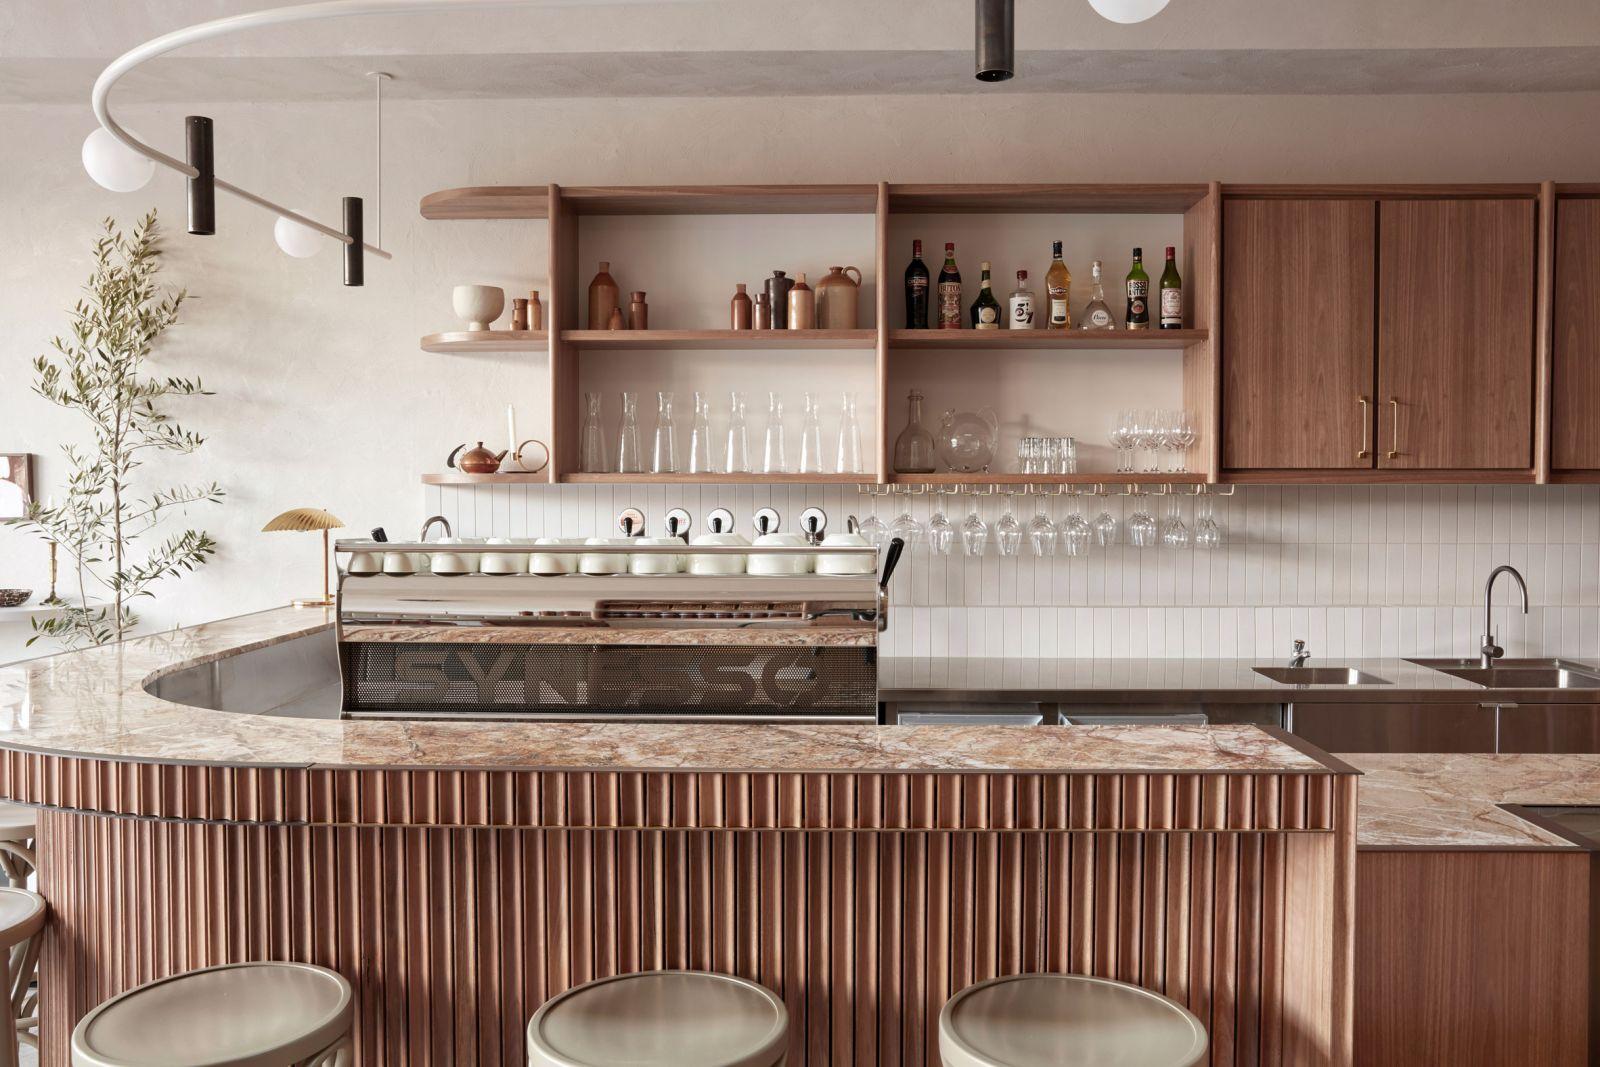 Những chiếc ghế bar cao với sắc xanh banquette đã giúp hoàn thiện bầu không khí ấm cúng và vintage của khu vực này